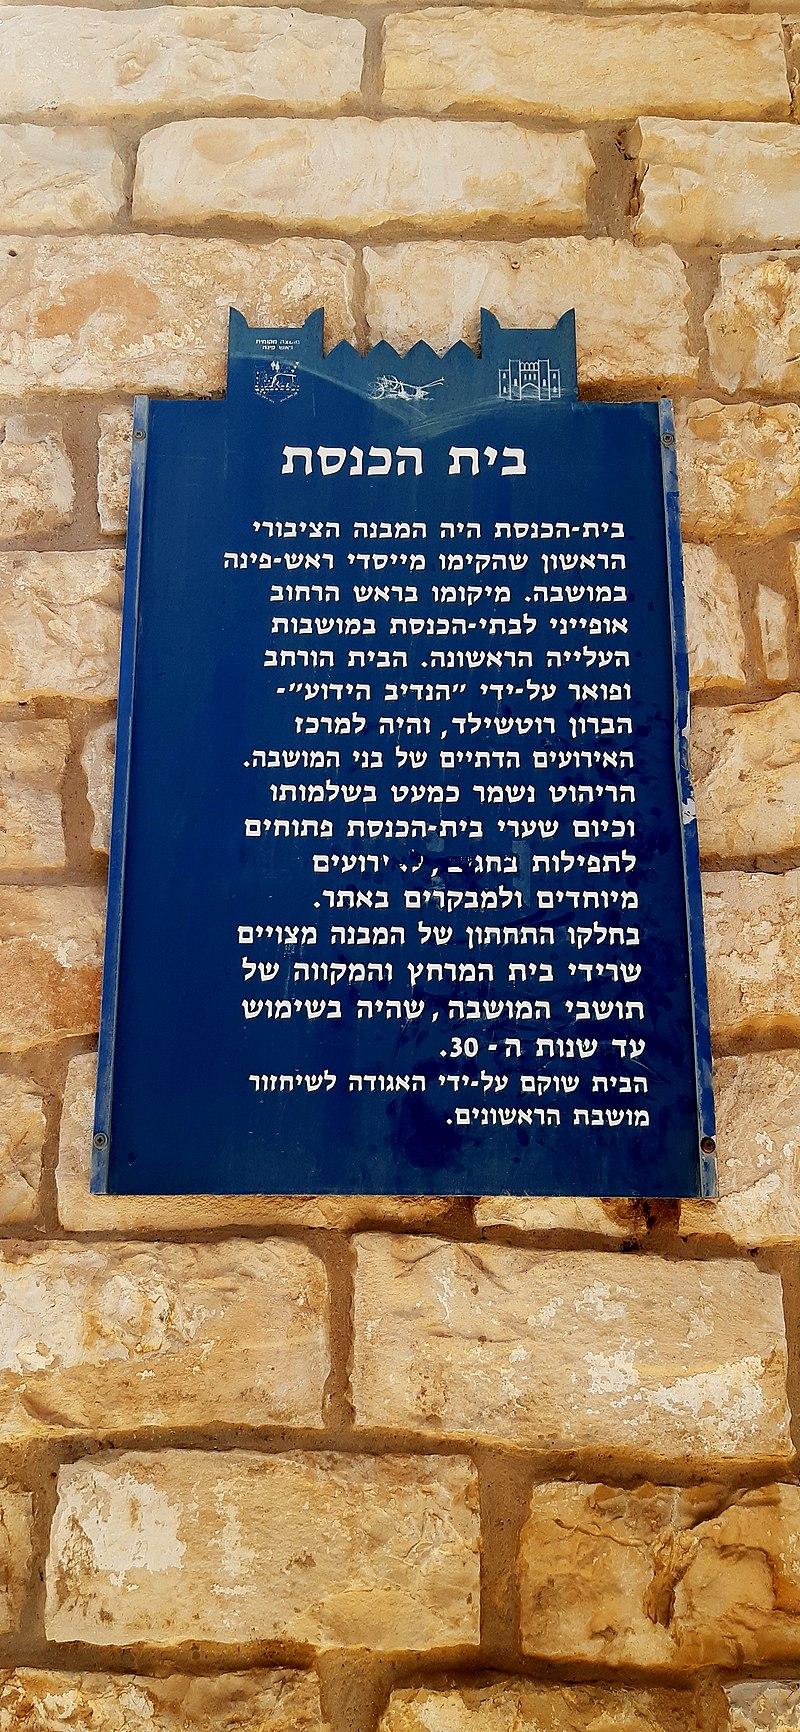 בית הכנסת הישן בראש פינה